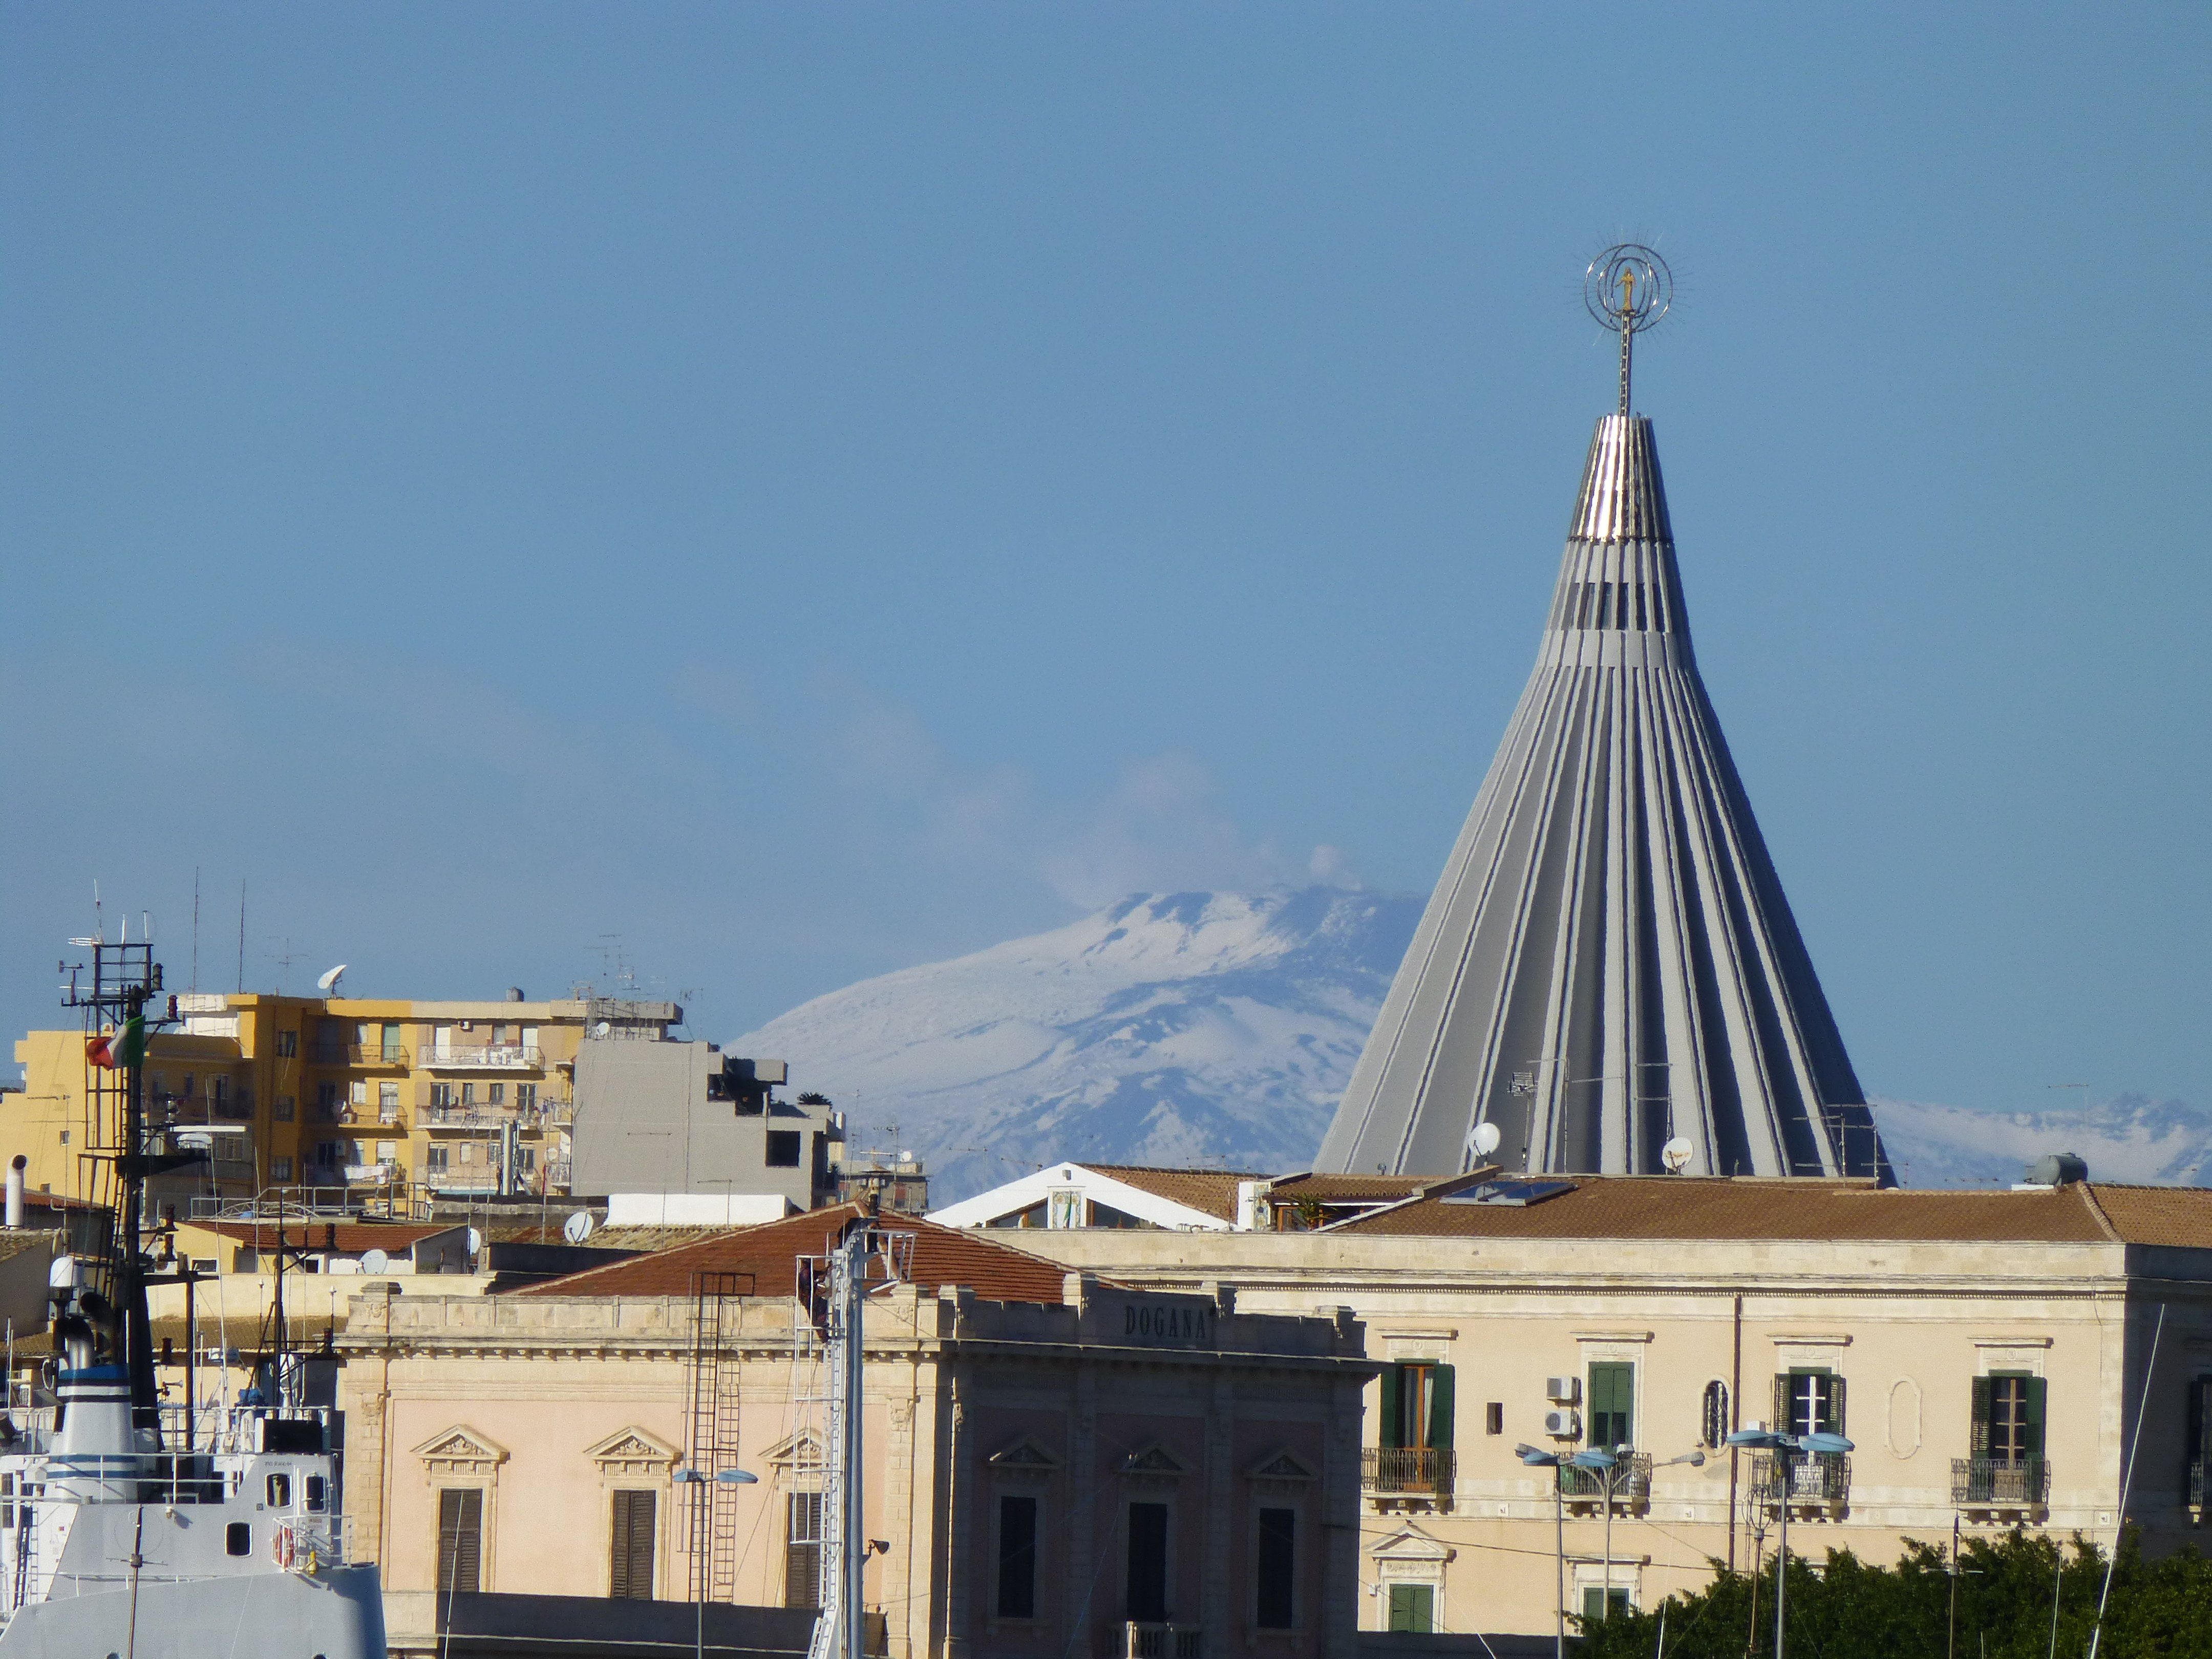 santuario madonna delle lacrime a siracusa con la vista dell'Etna